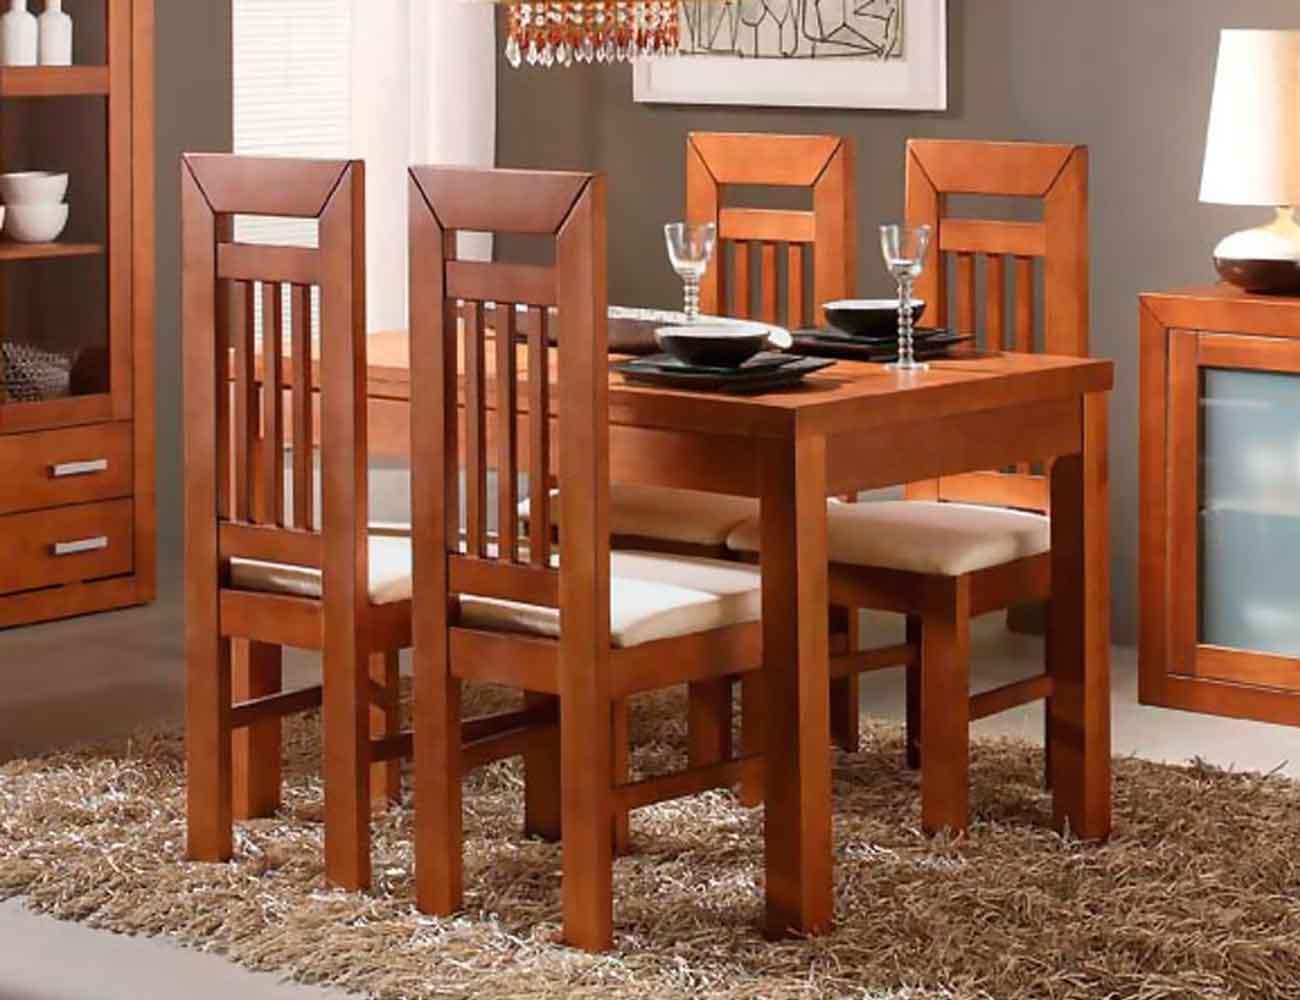 Muebles de sal n comedor estilo colonial en madera for Mesas y sillas para salon comedor